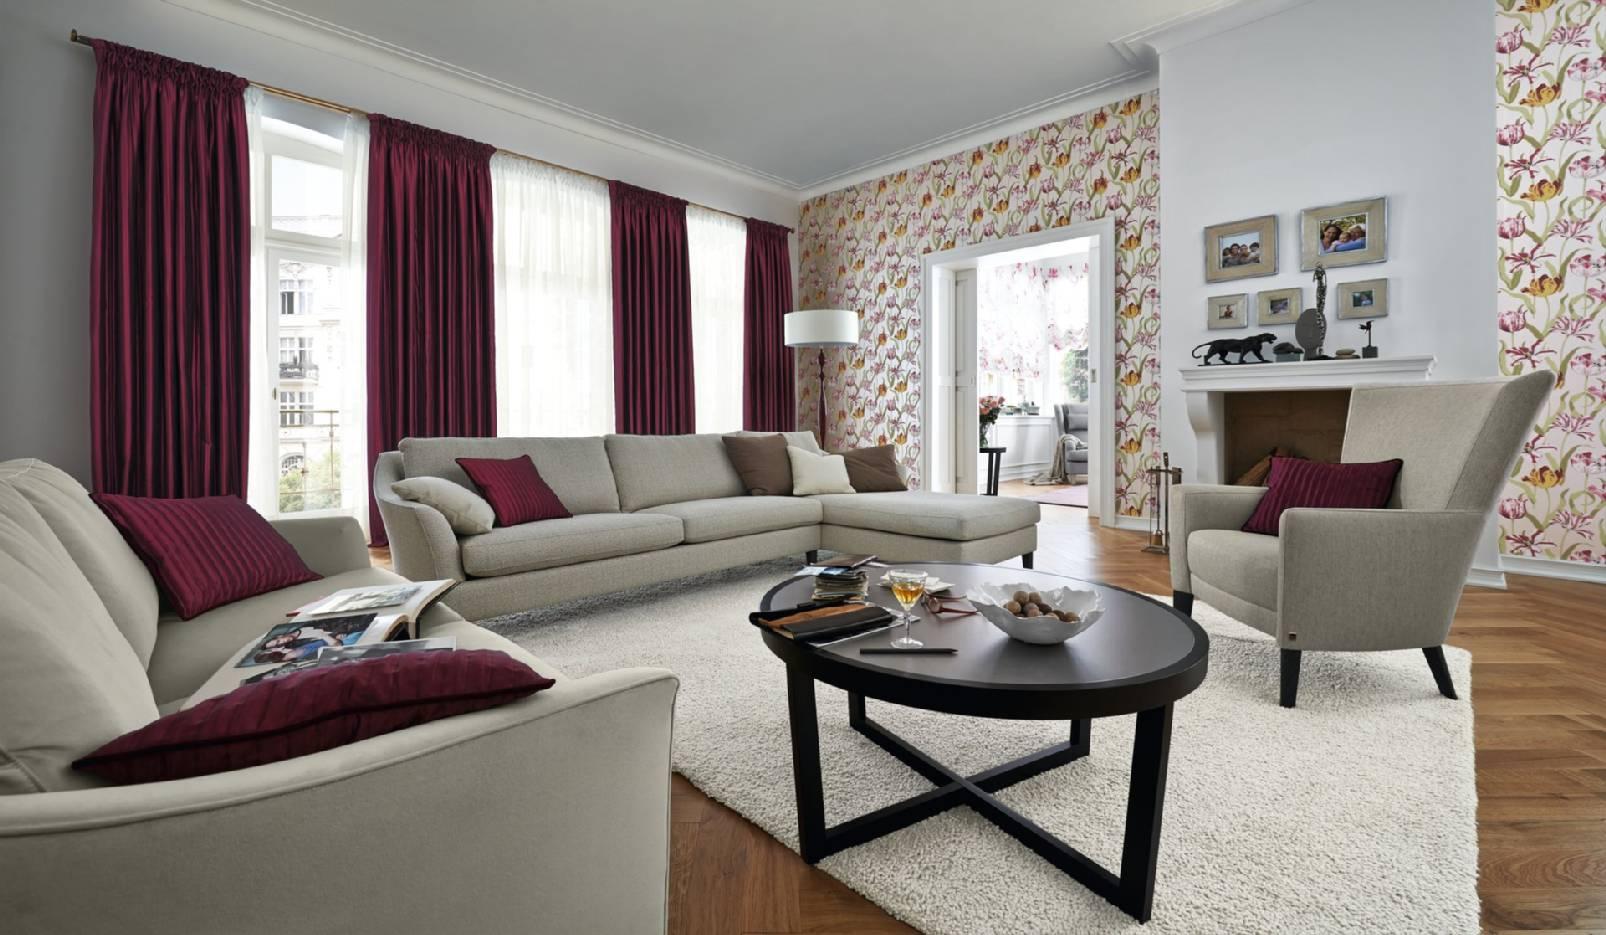 gardinen polsterei modernes wohnen raumausstattung ehlert unna wohnberatung gardinen und. Black Bedroom Furniture Sets. Home Design Ideas